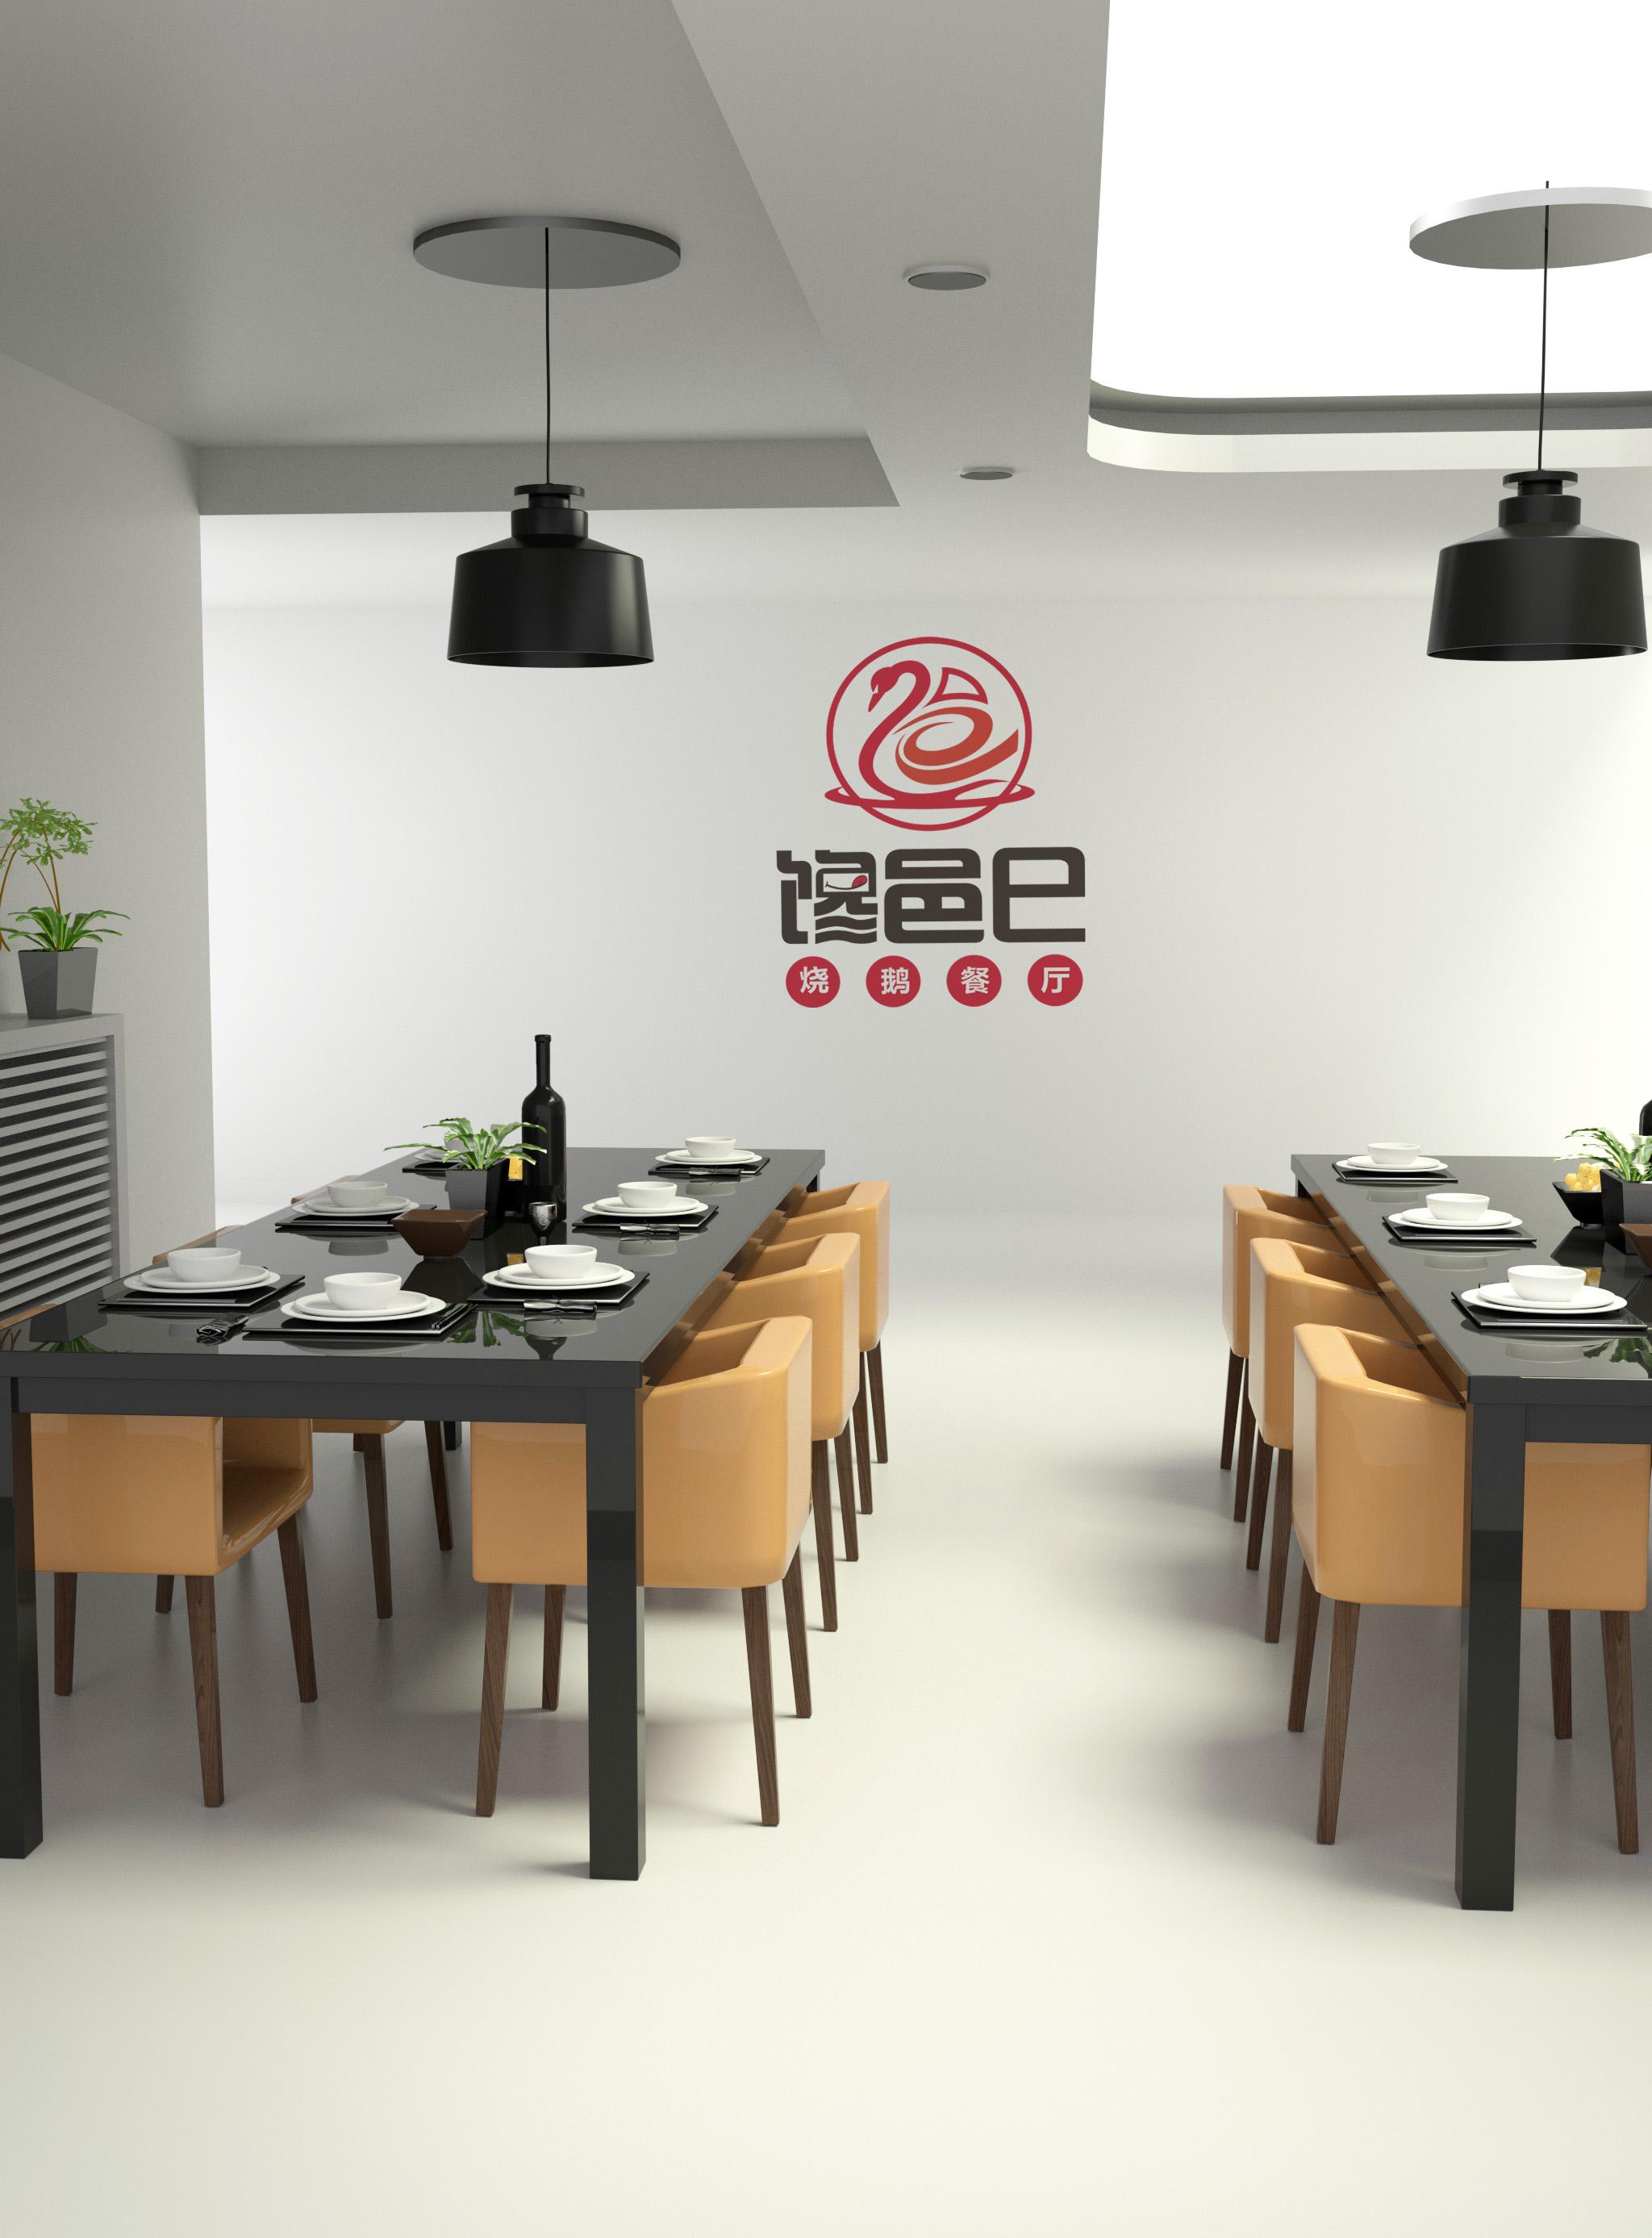 商标Logo设计_3033172_k68威客网